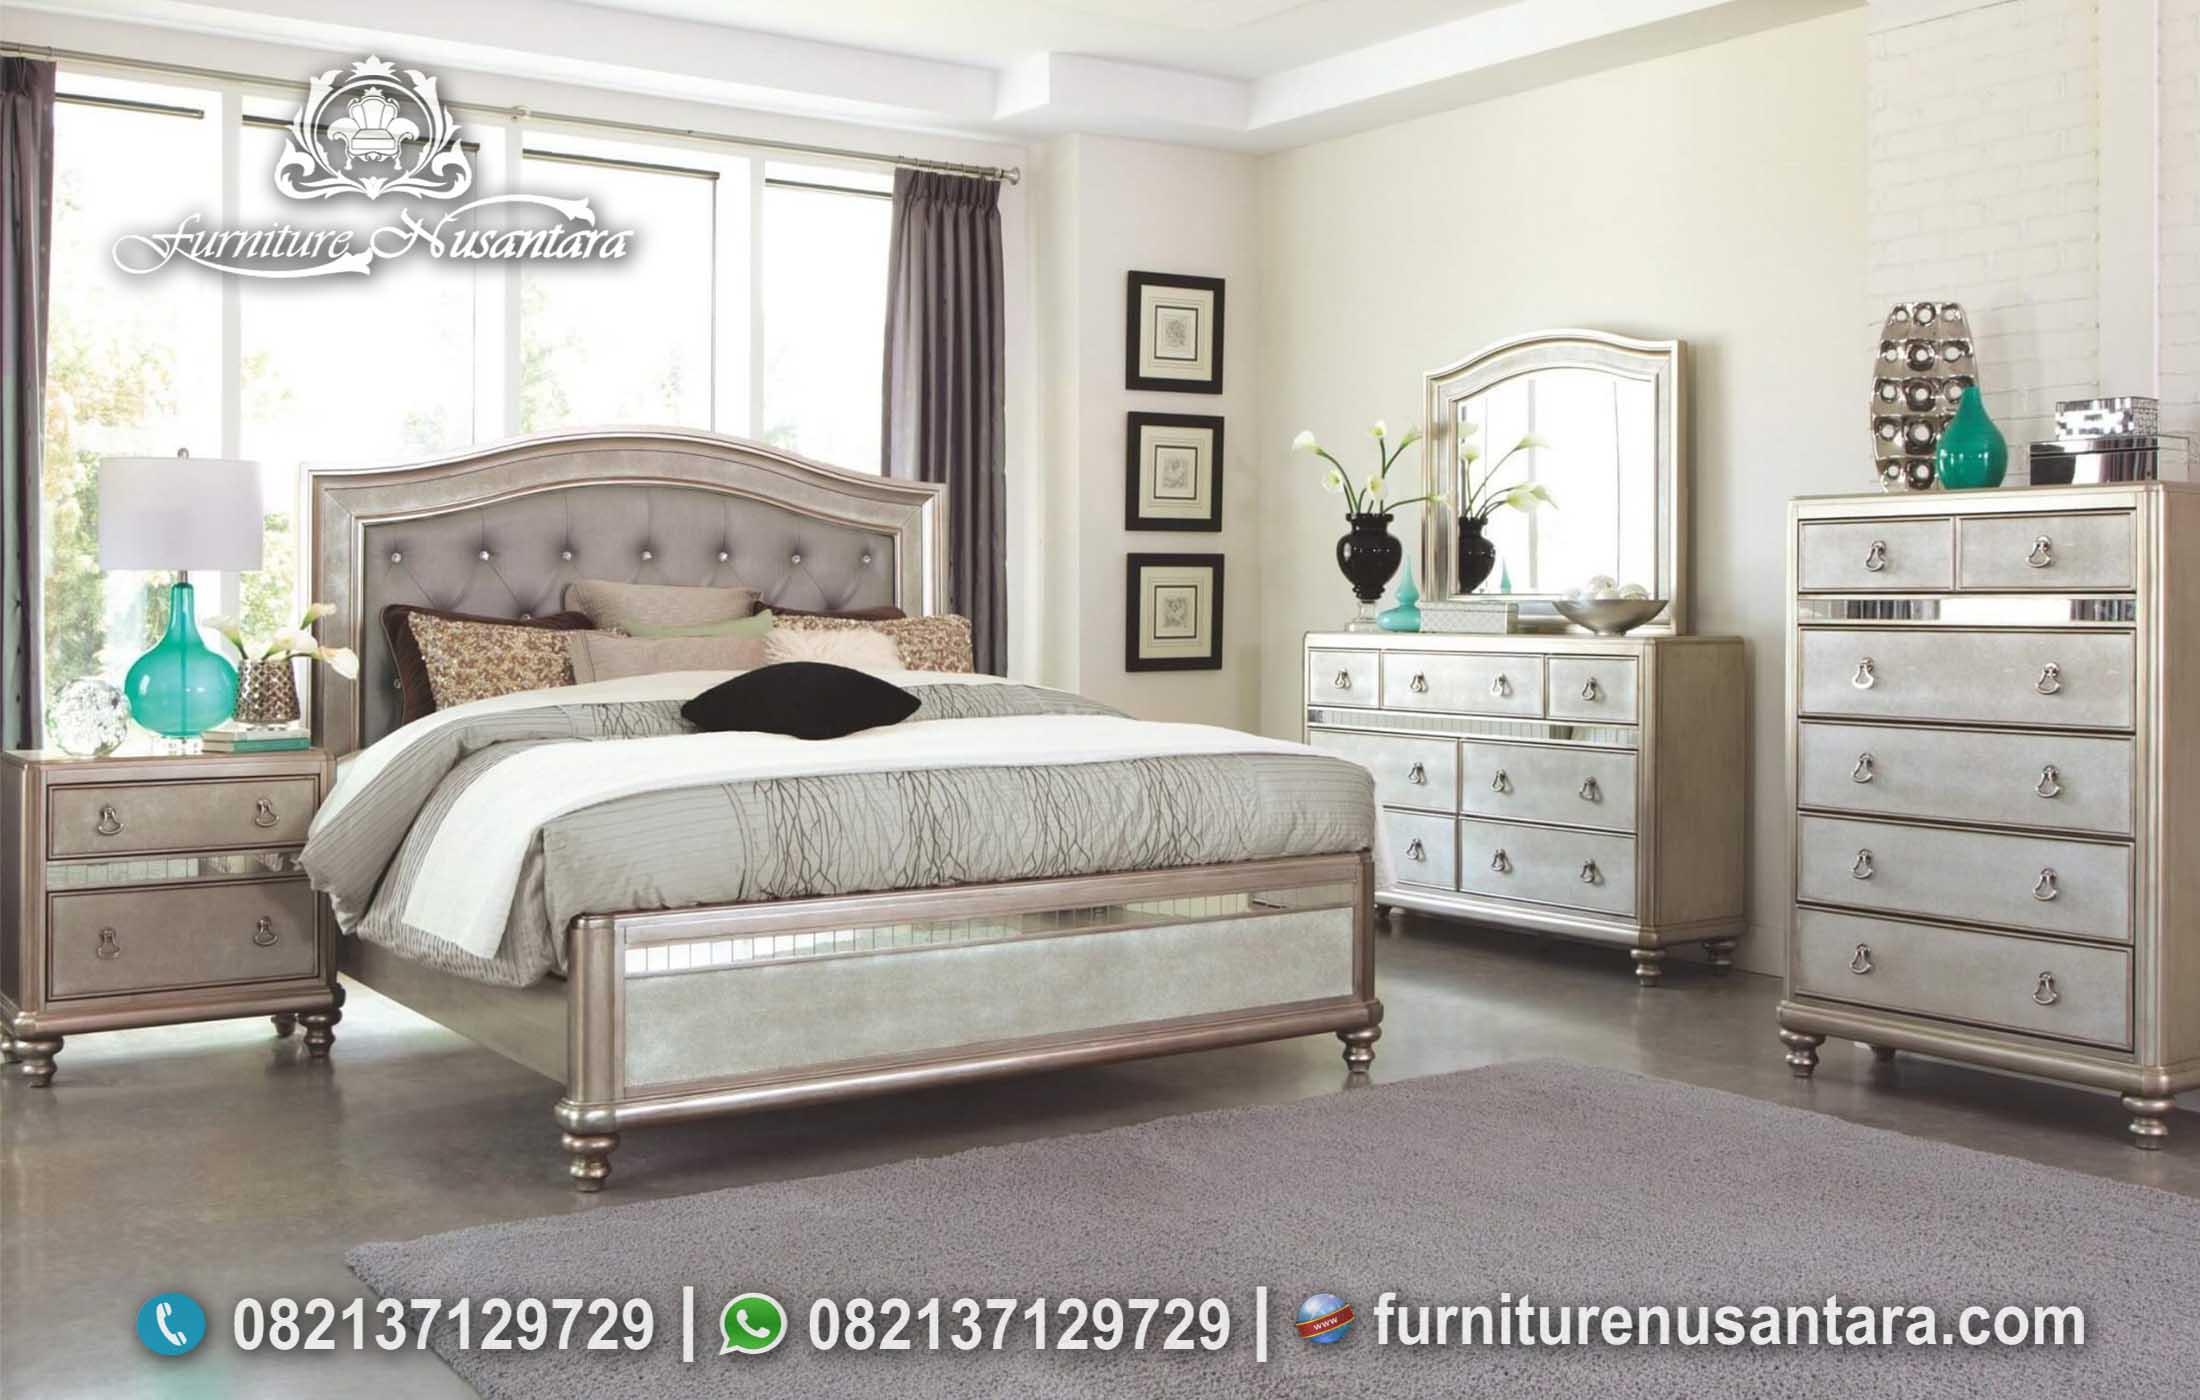 Kamar Set Minimalis Kekinian KS-102, Furniture Nusantara